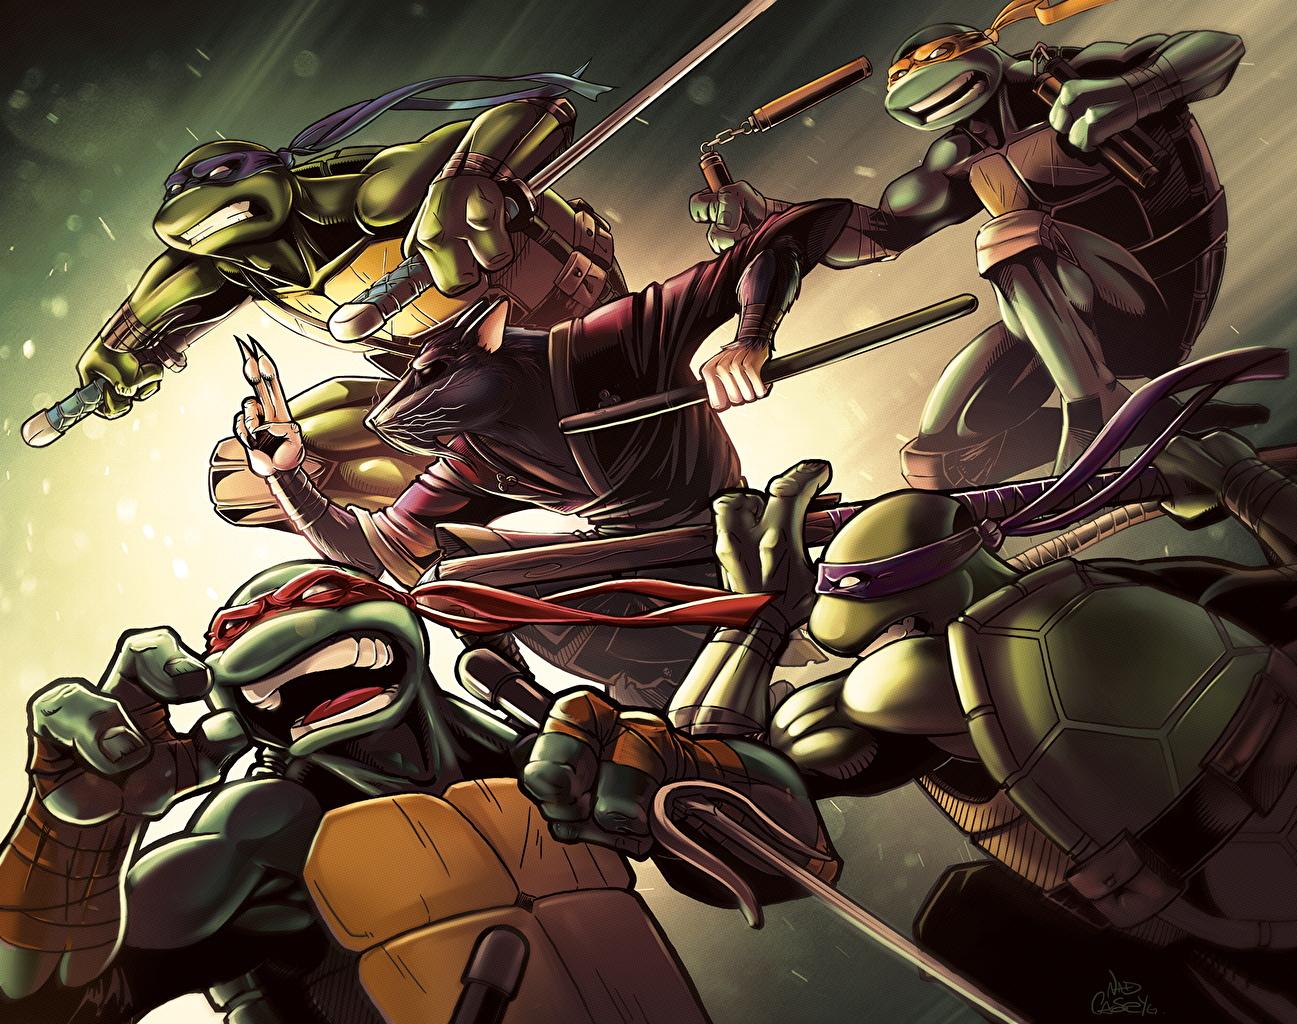 壁紙 ティーンエイジ ミュータント ニンジャ タートルズ Michelangelo Leonardo Donatello Raphael Teenage Mutant Ninja 漫画 ダウンロード 写真